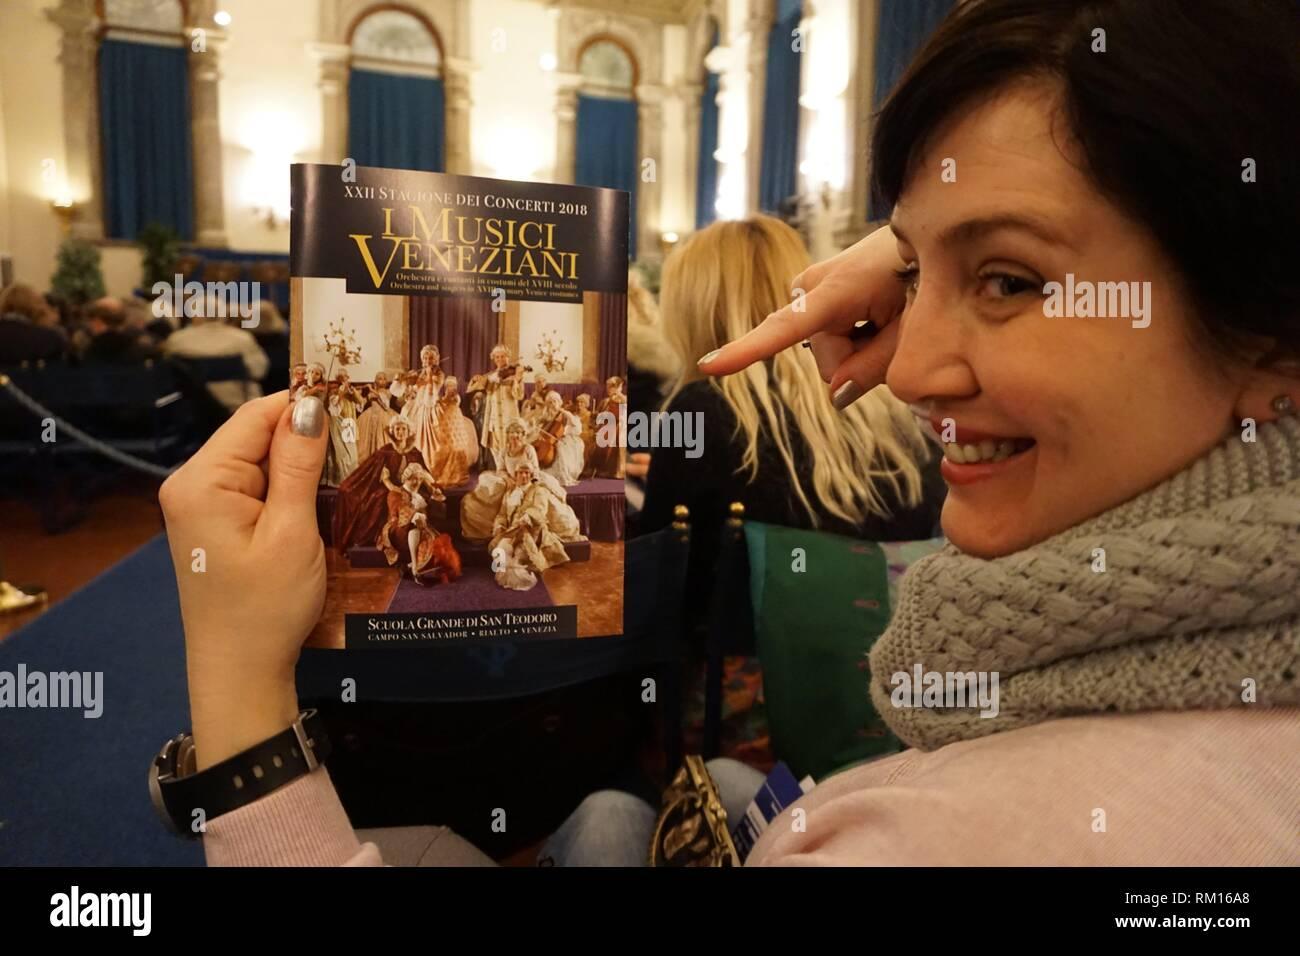 Esperando a que el concierto empiece. Scuola Grande di San Teodoro, Venecia, Véneto, Italia, Europa. Foto de stock